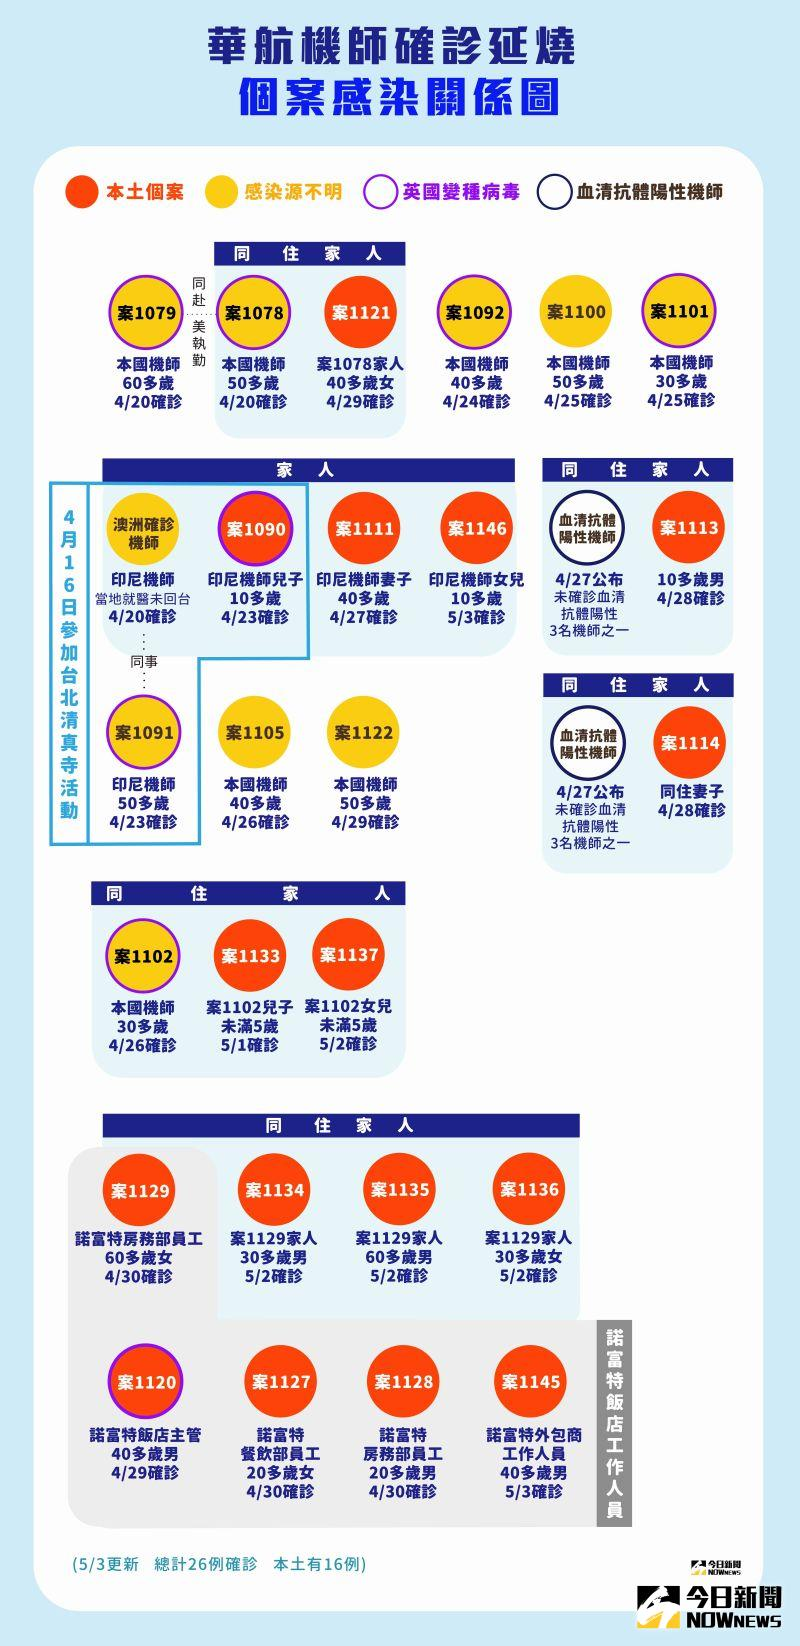 ▲華航機師染疫確診連環爆,截至5月3日,已釀成16起本土個案,累計有26人染疫。(圖/NOWnews製作)